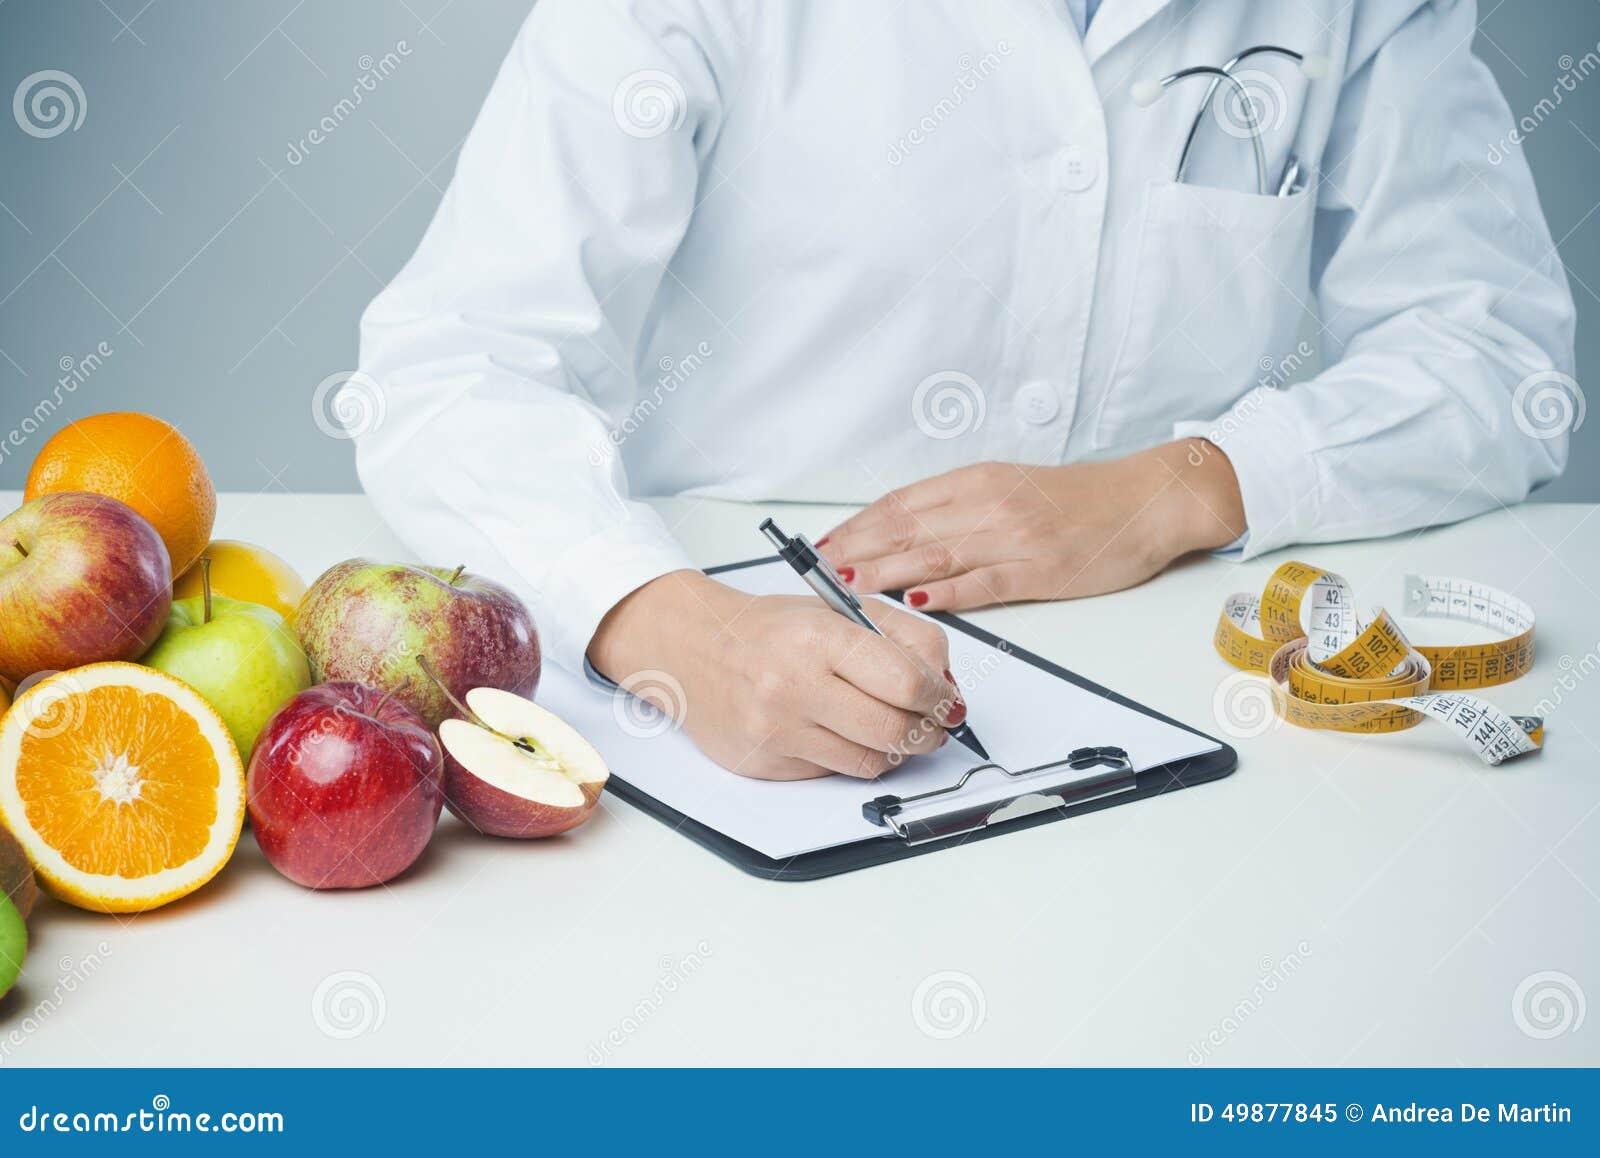 Узнать цены на прием диетолога в Екатеринбурге